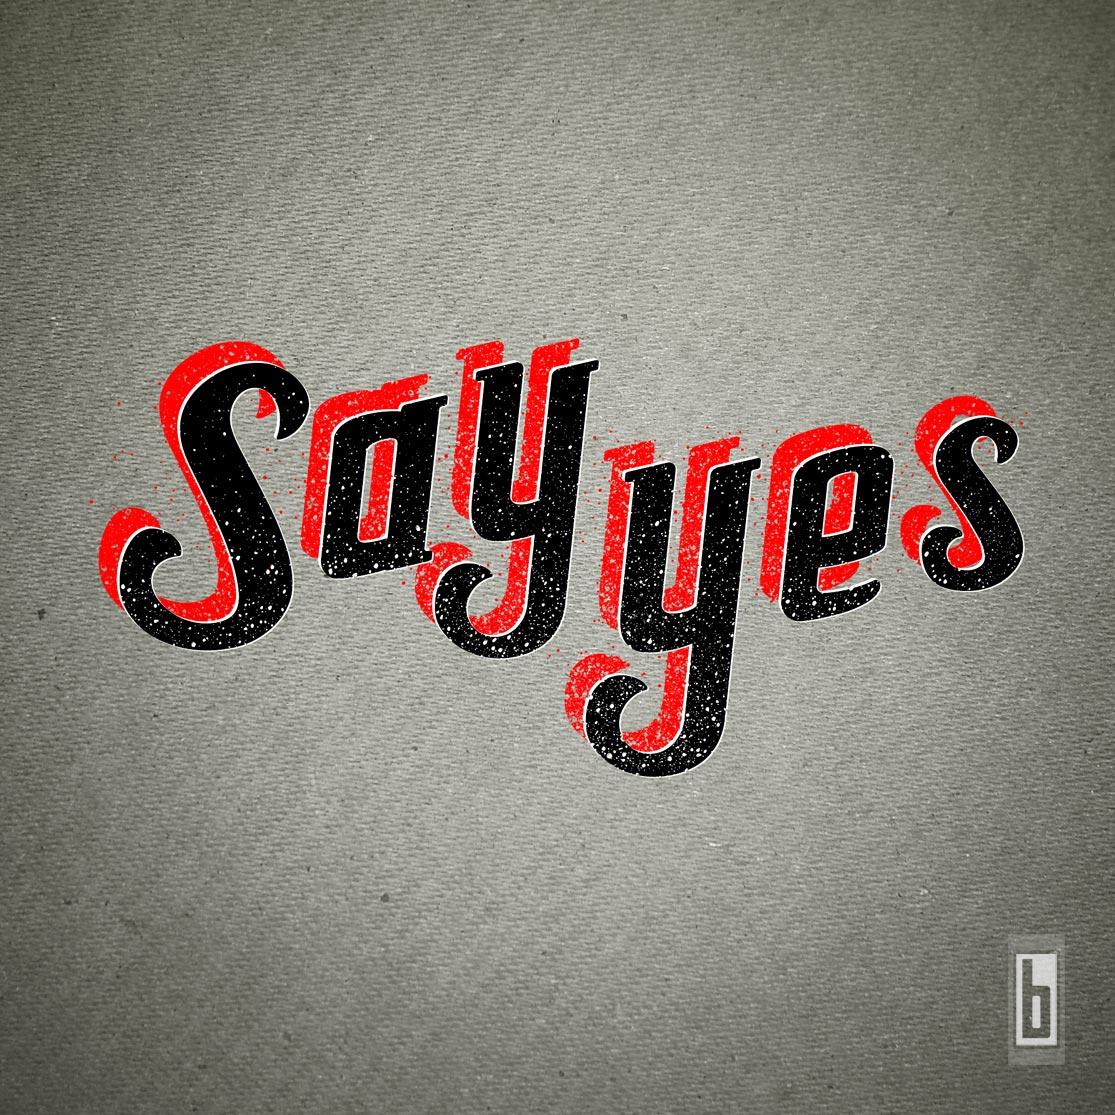 SAYYES0202_1115